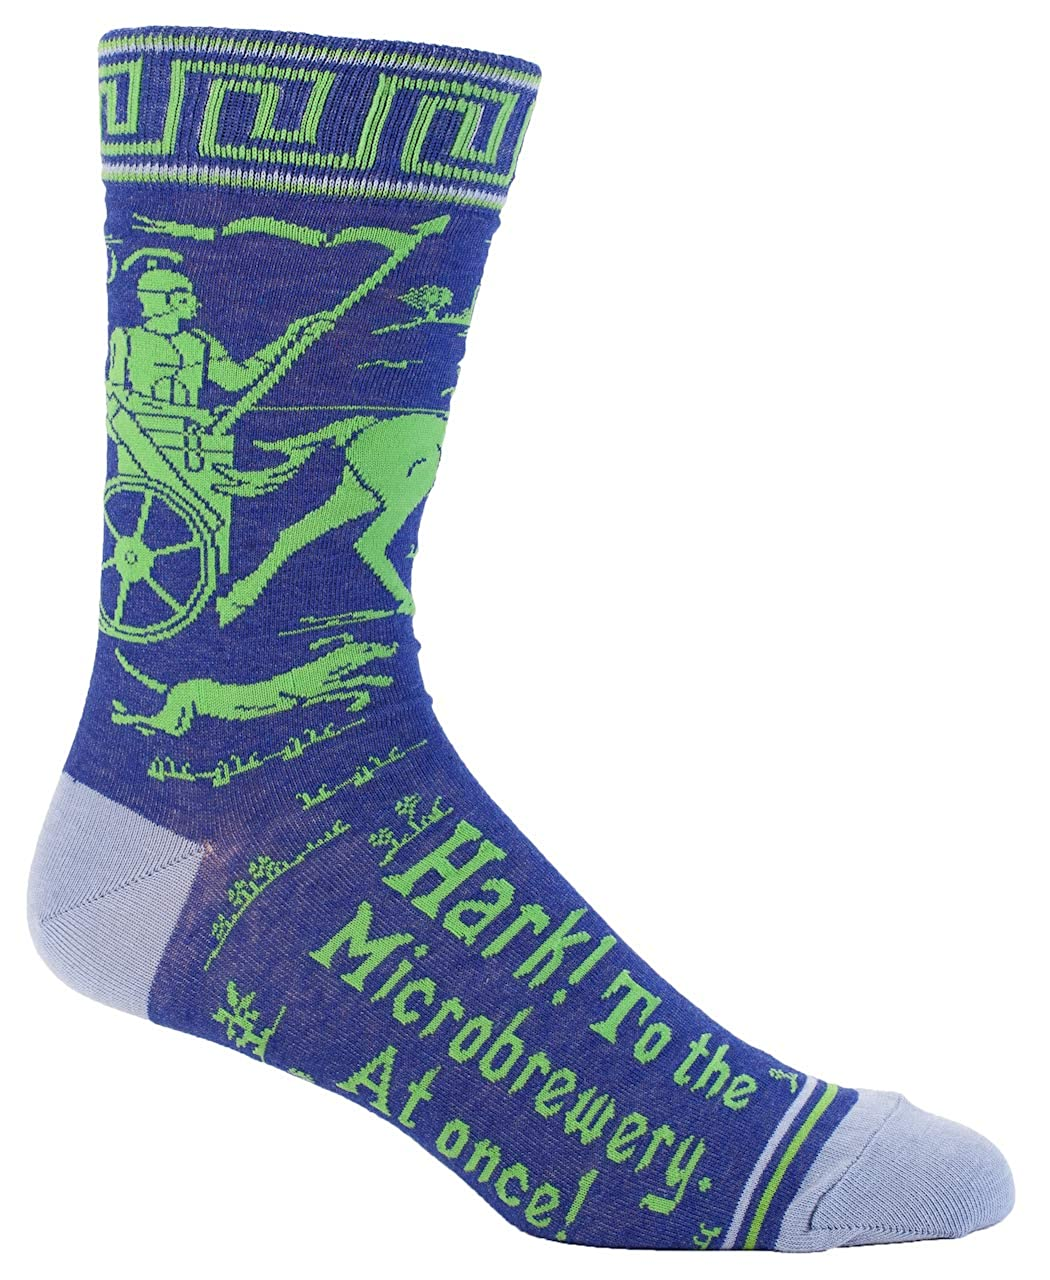 Blue Q Azul Q calcetines, Hombres de tripulación